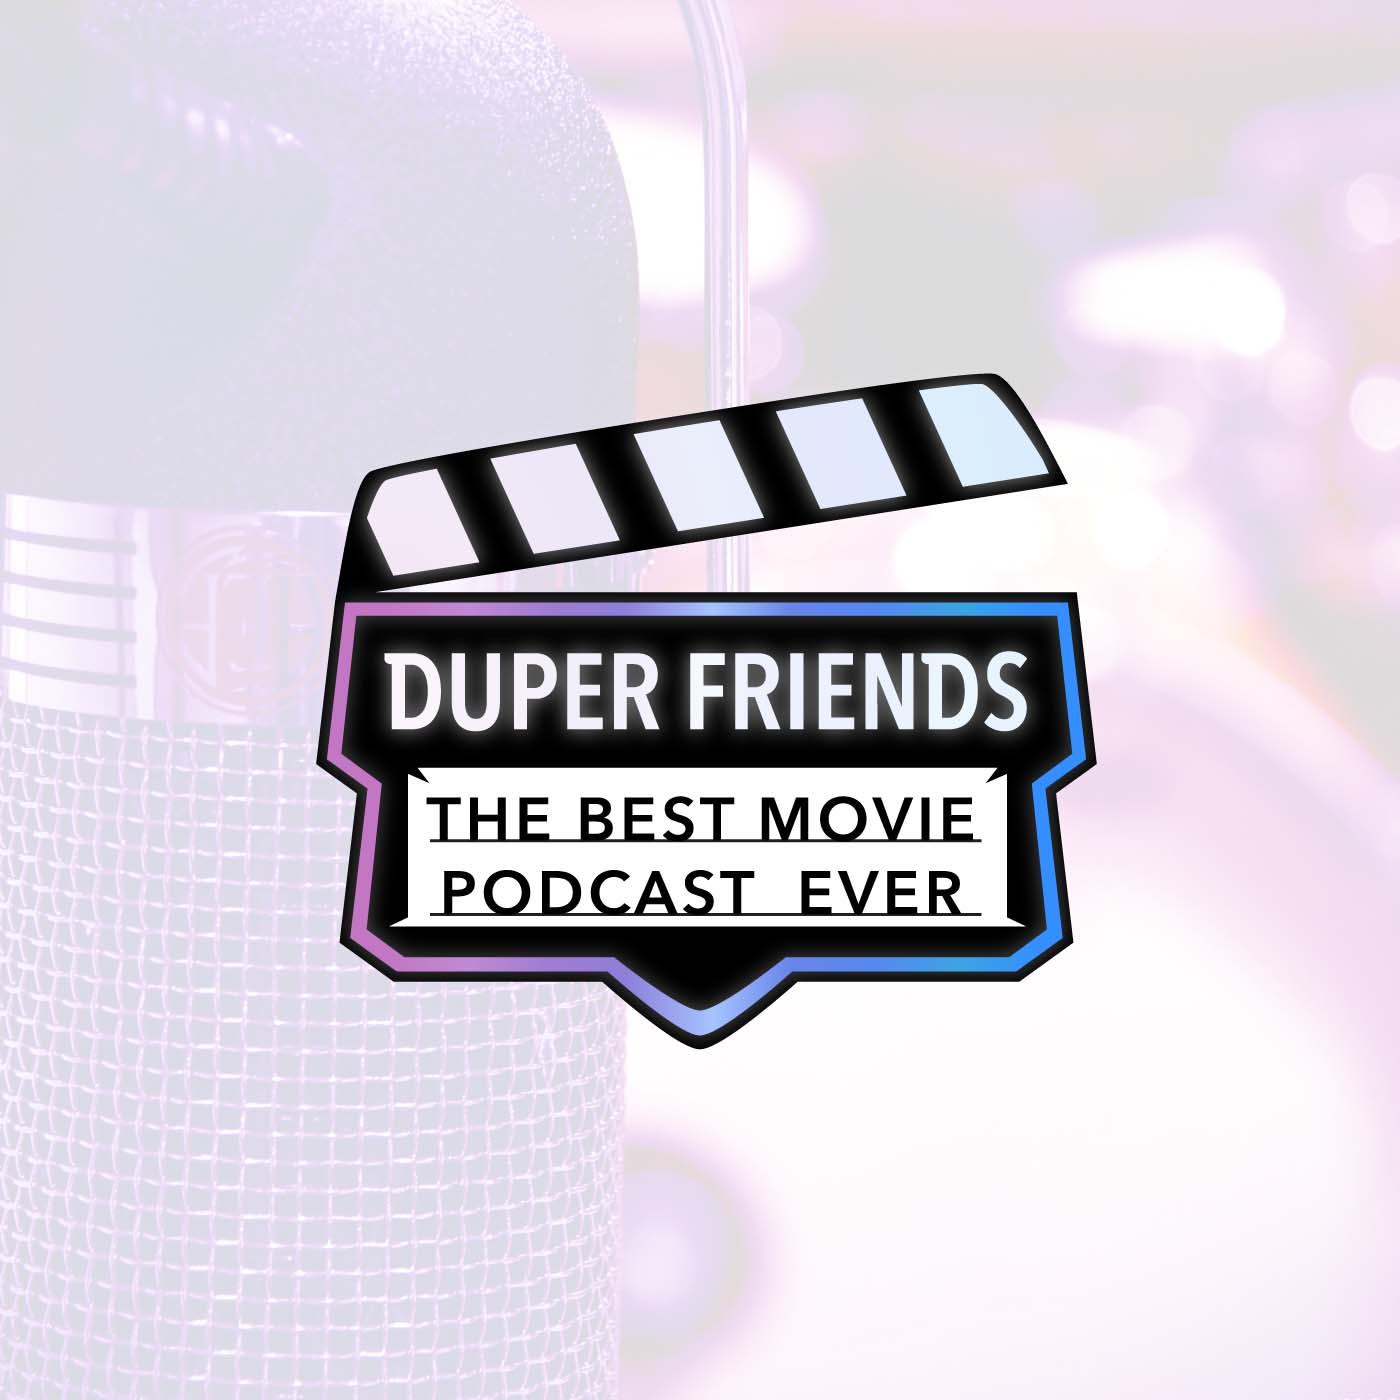 duper friends mic